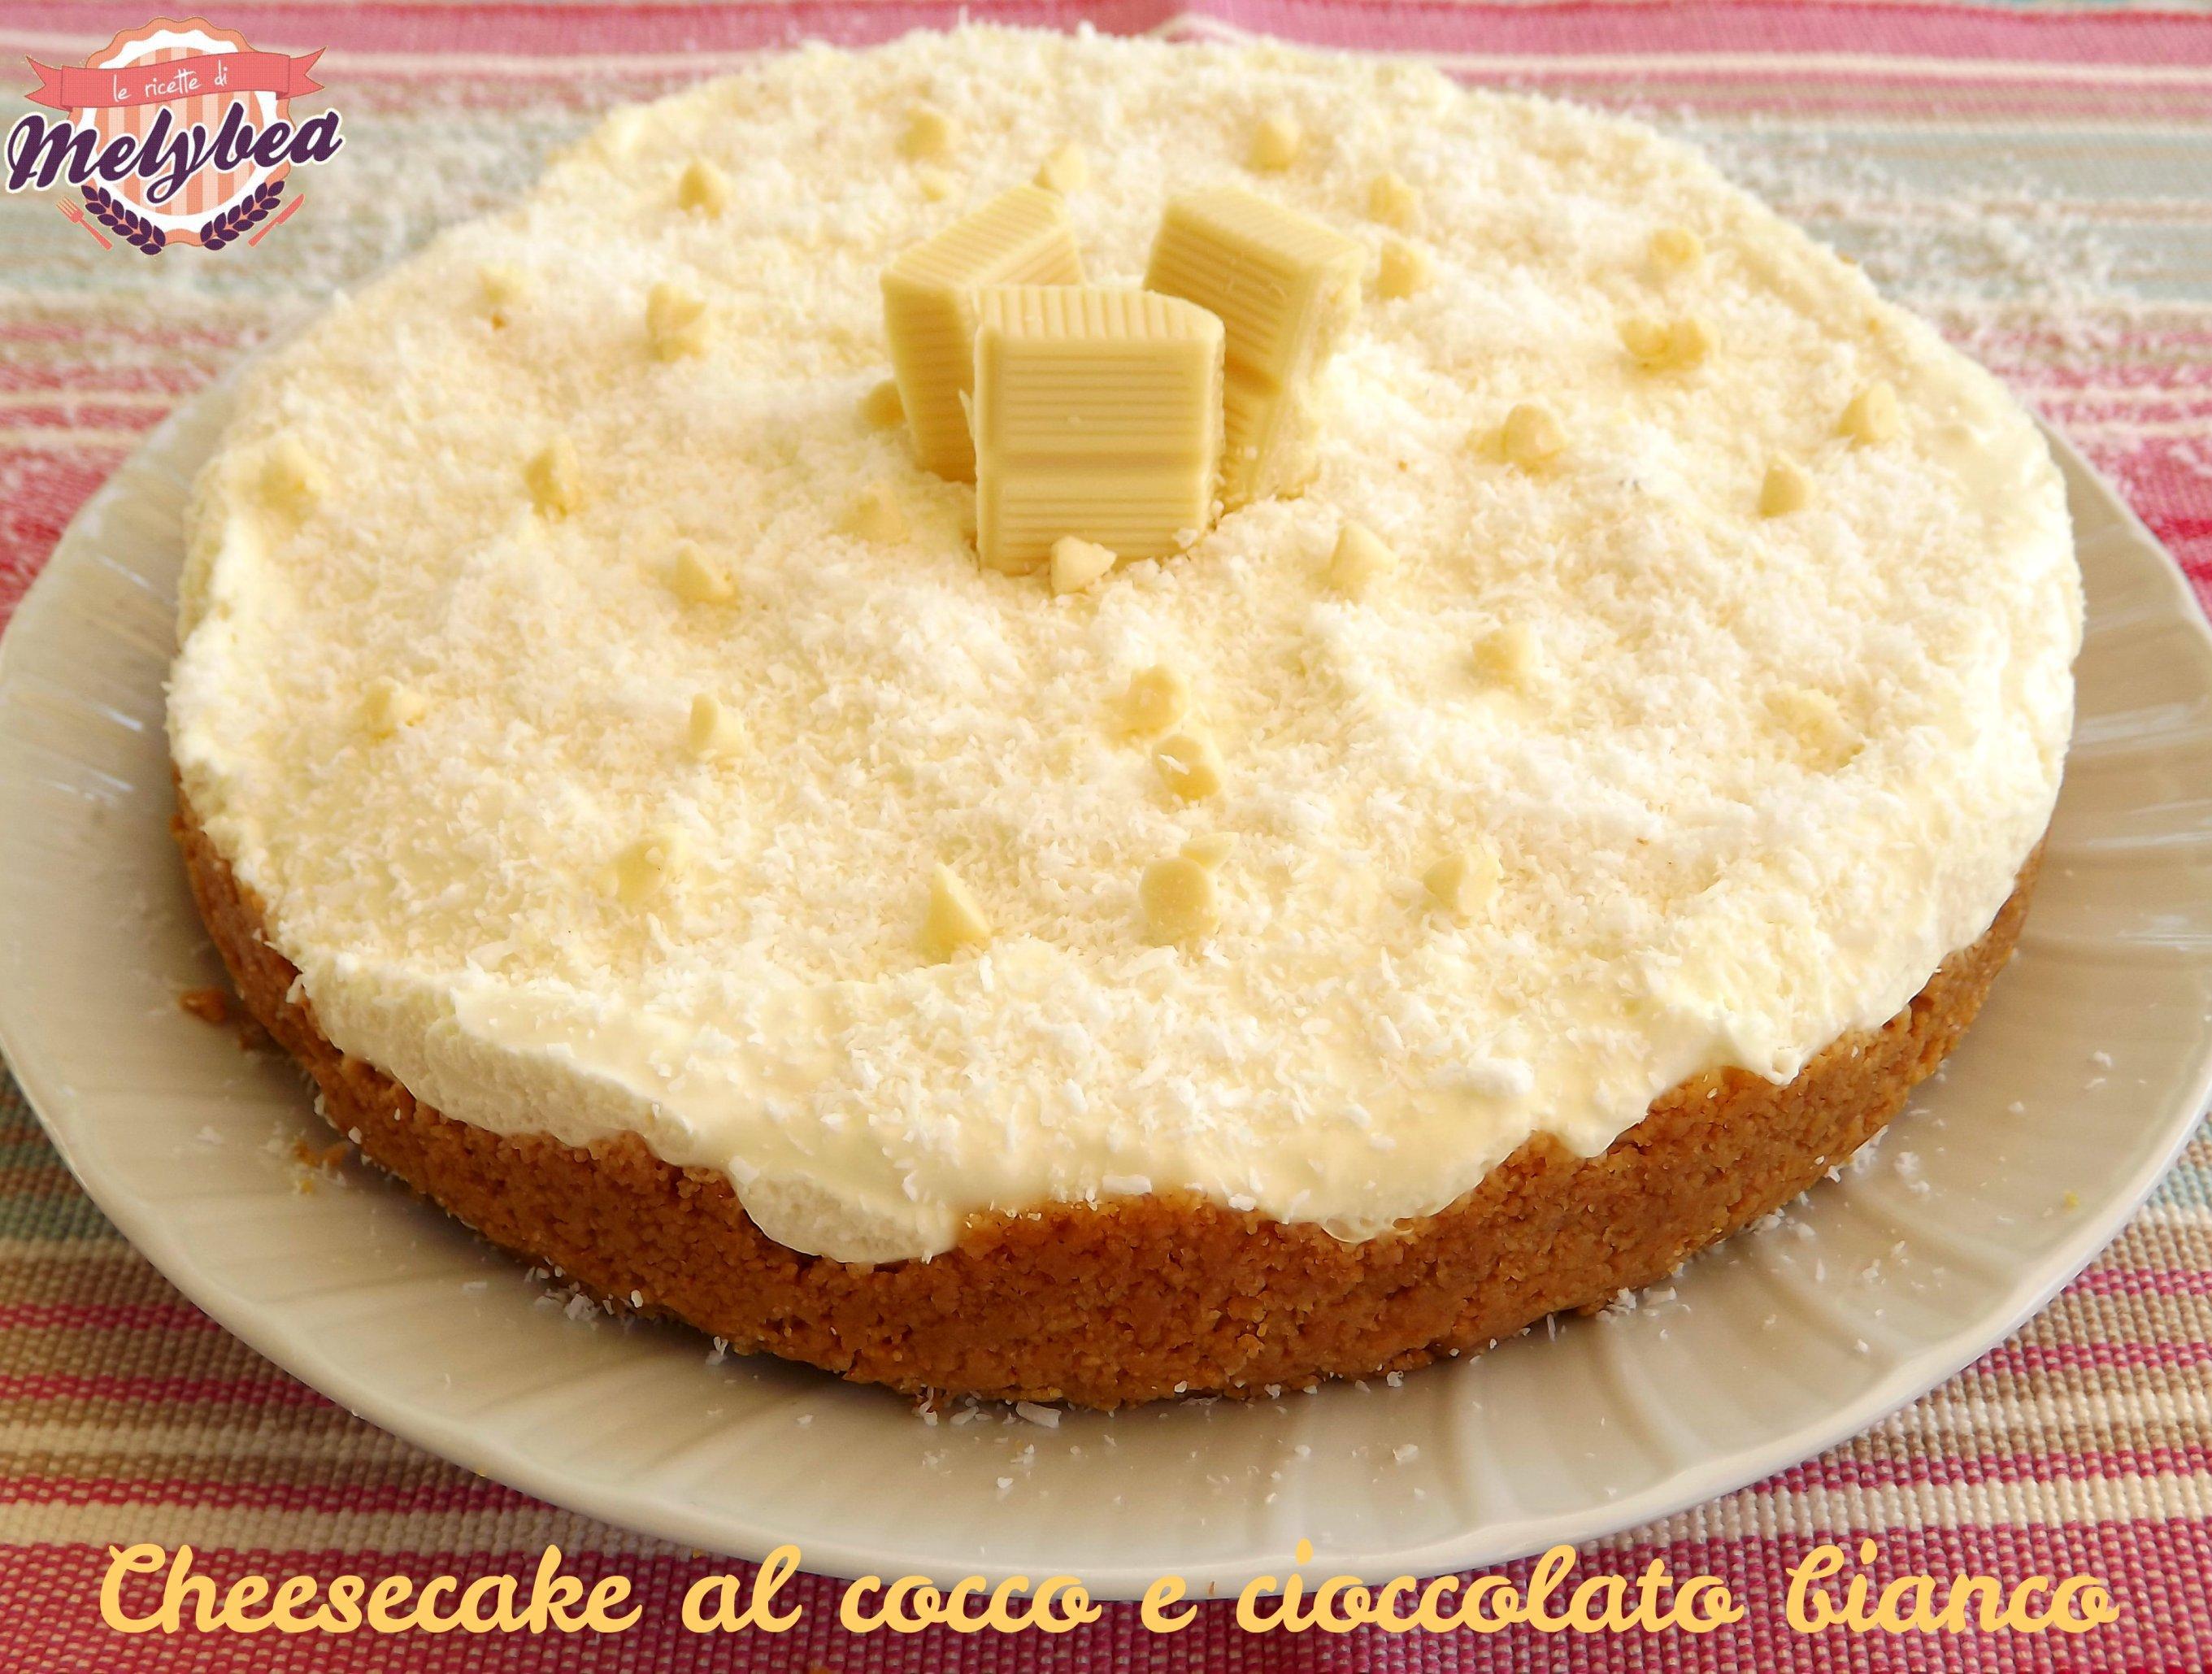 Conosciuto Cheesecake al cocco e cioccolato bianco - Le ricette di Melybea LY21